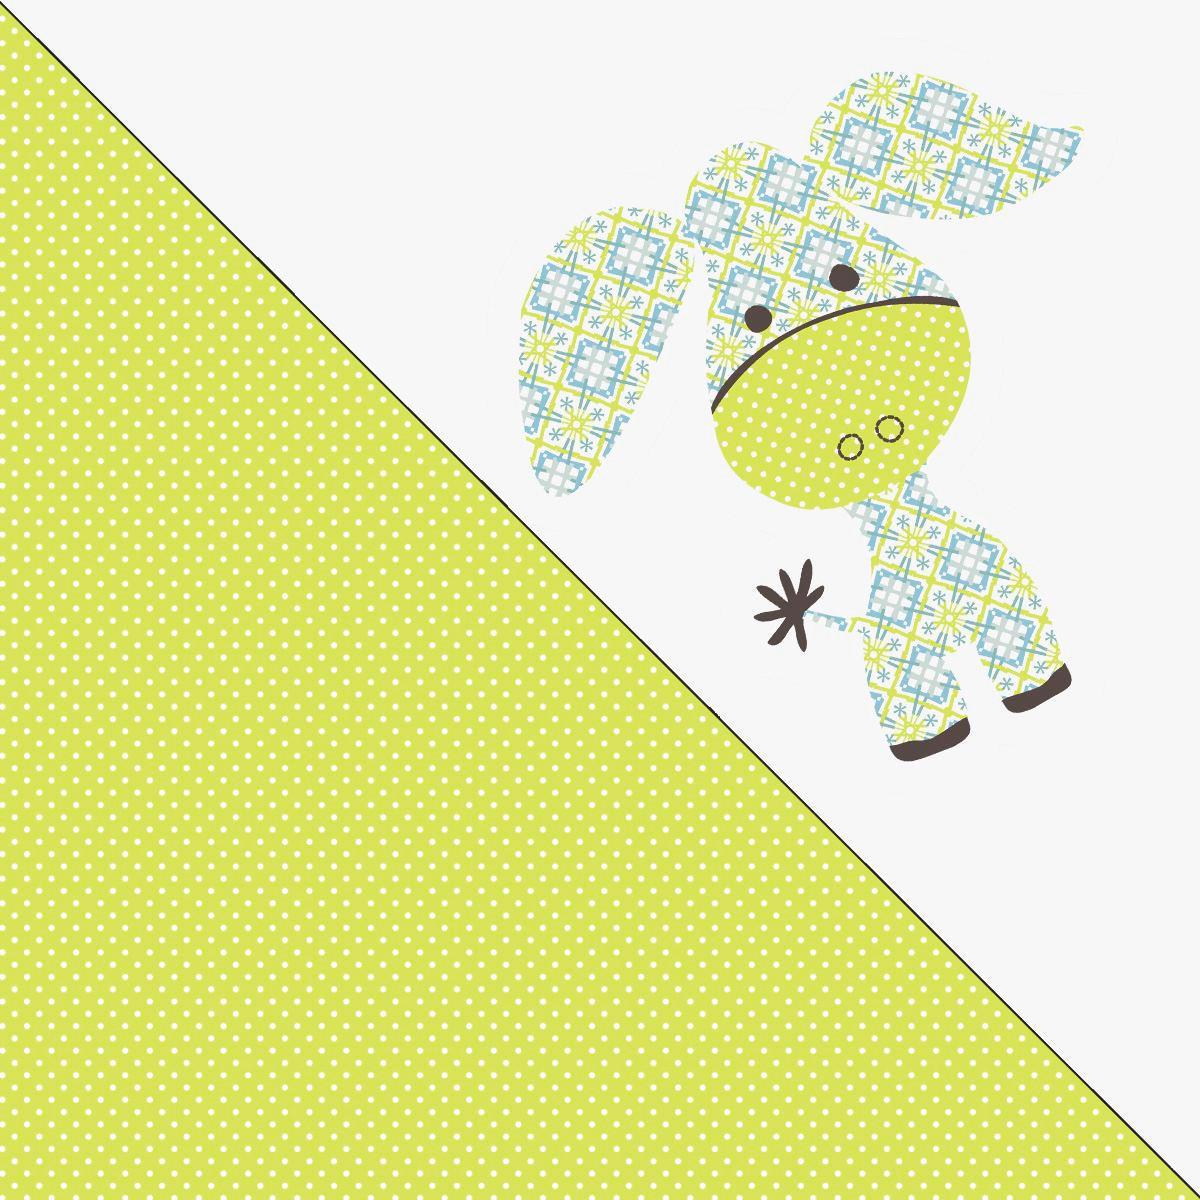 JASTUK ZA DOJENJE - bijela/žuta, tekstil (38/190cm)